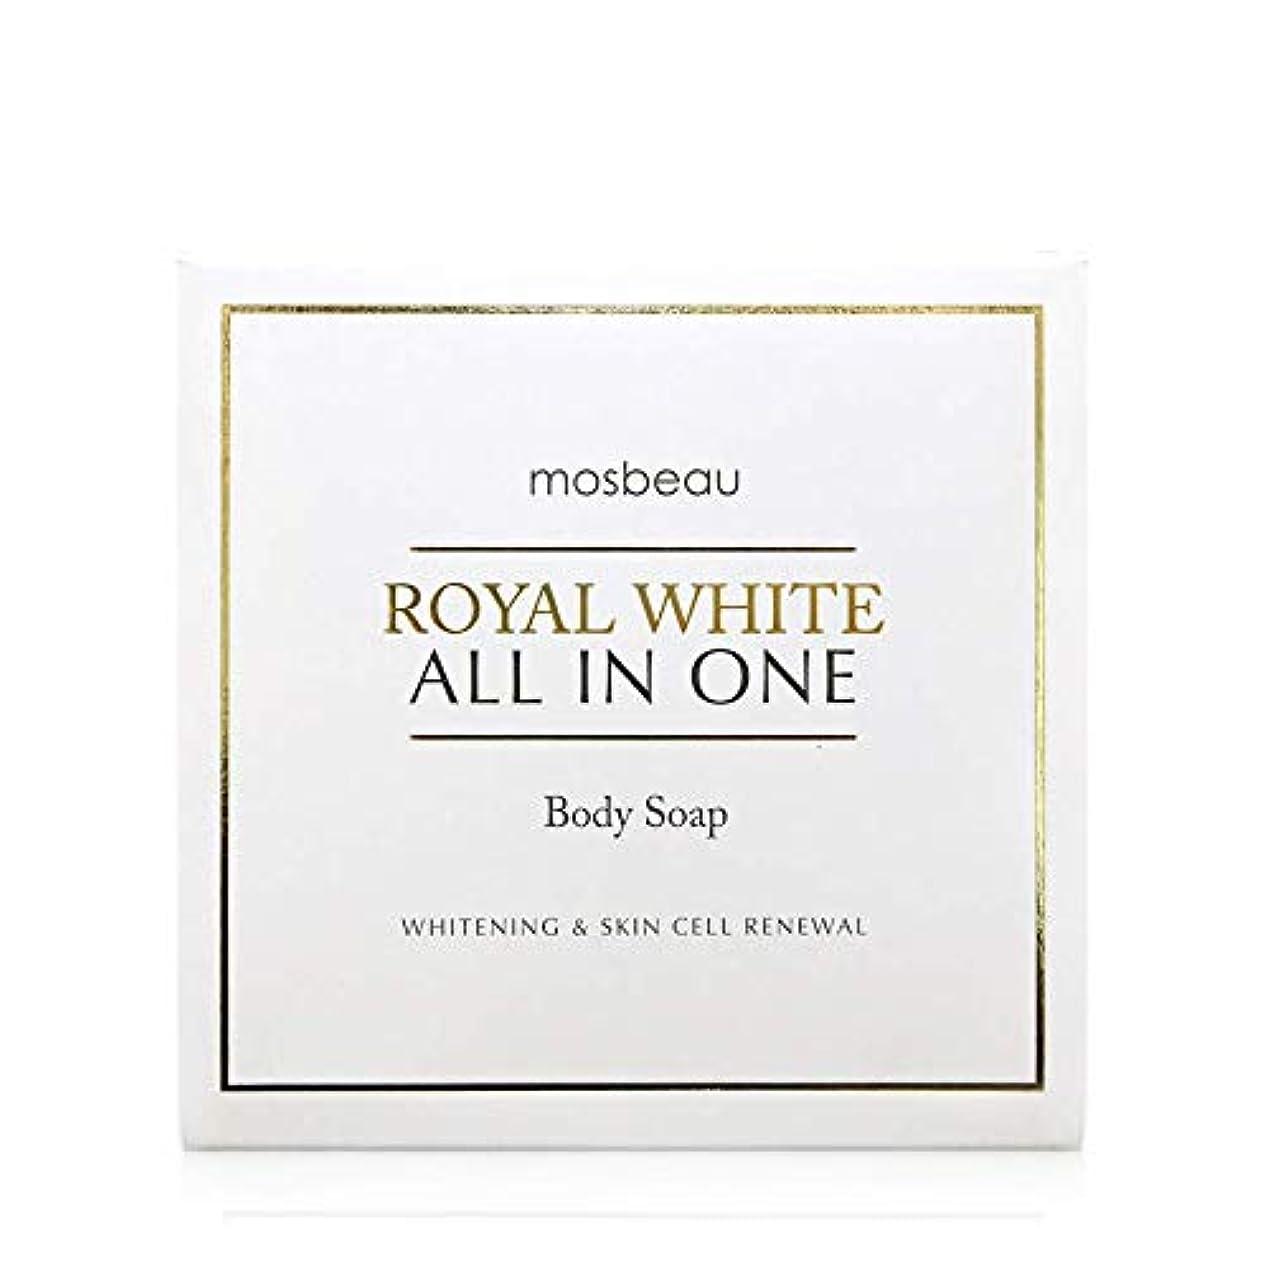 オフセット静脈残基mosbeau ROYAL WHITE ALL-IN-ONE BODY SOAP 100g ロィヤルホワイトオールインワンボディーソープ